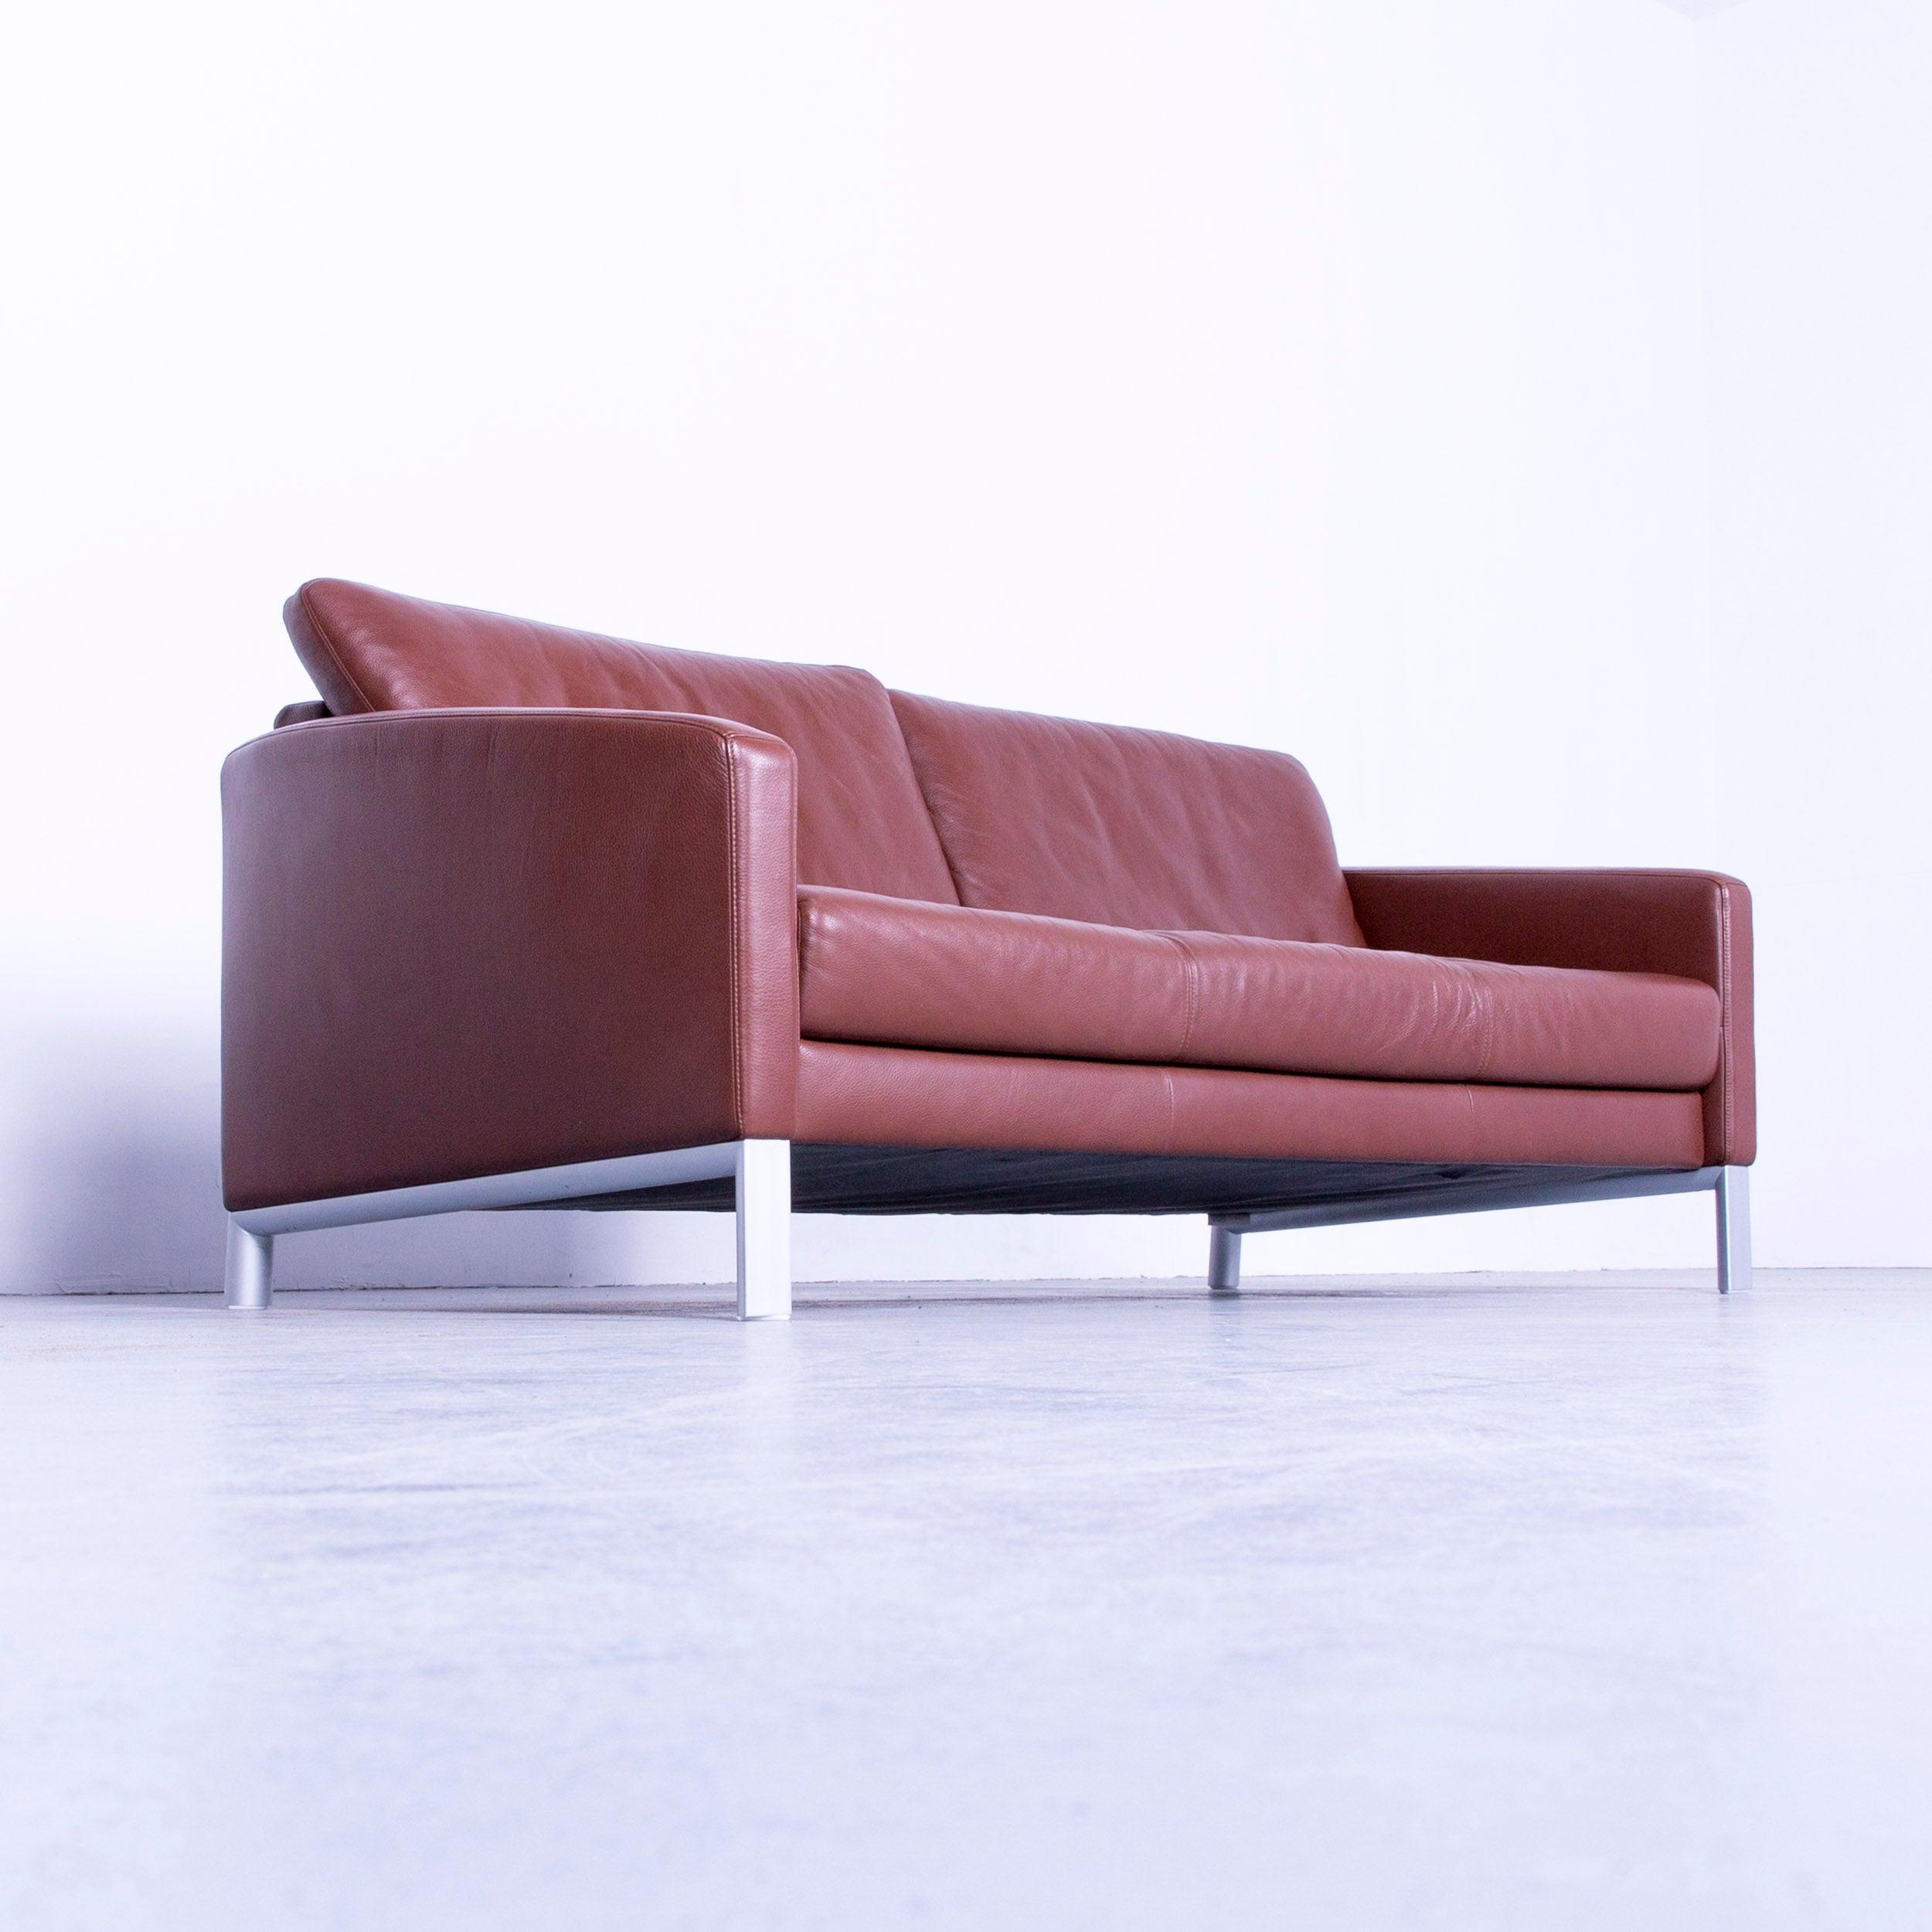 Schön Couch Leder Braun Foto Von Rolf Benz 1200 Designer Sofa Brown Three-seat